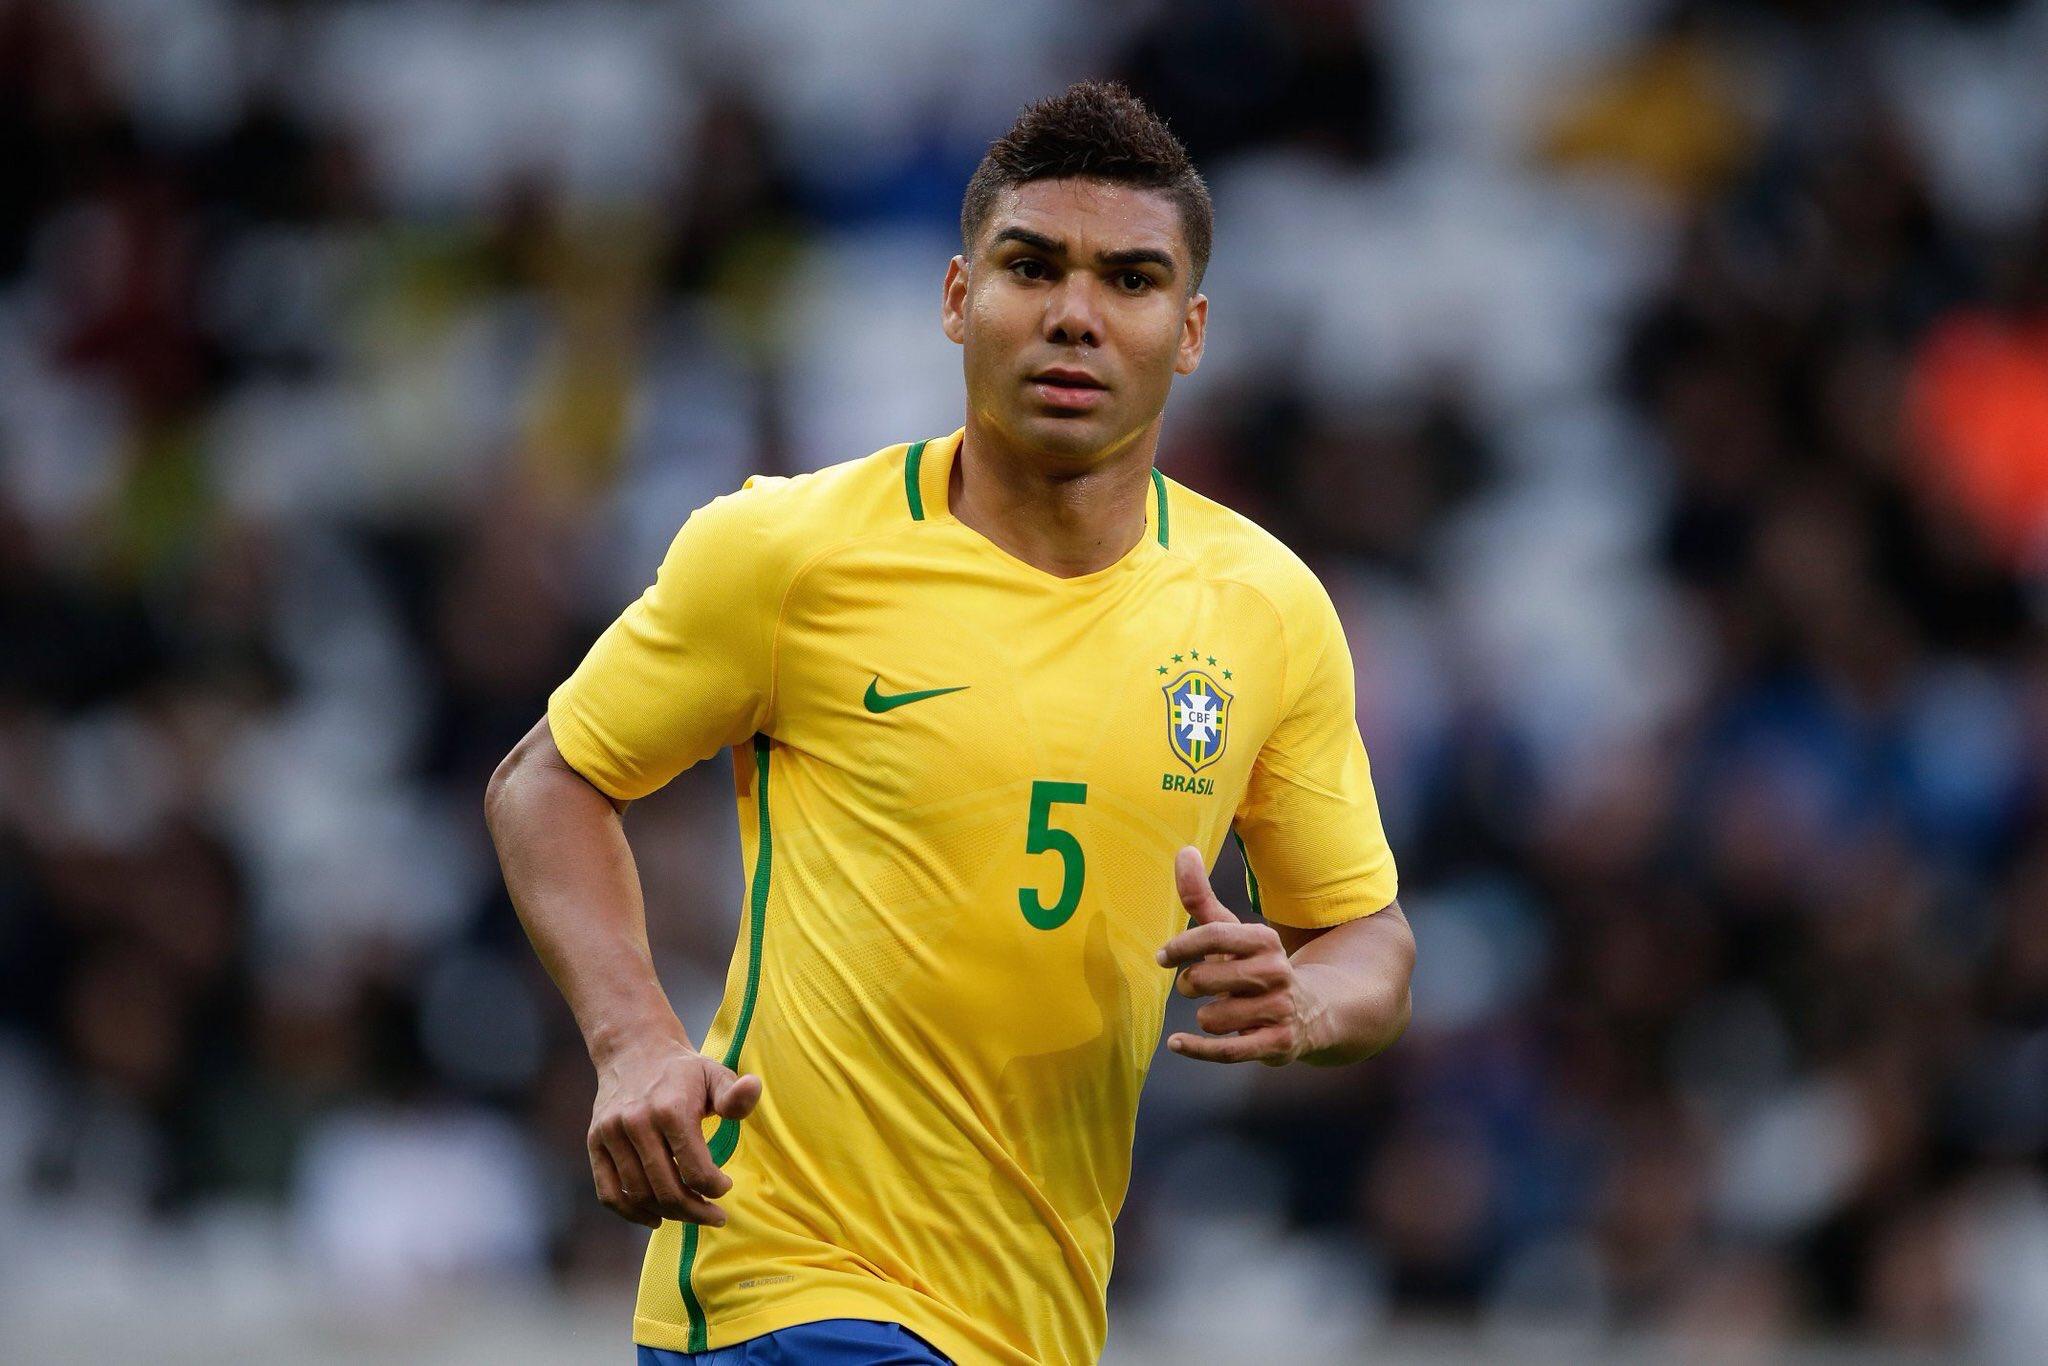 Ngôi sao này sẽ đánh bật Neymar để cứu vãn Brazil